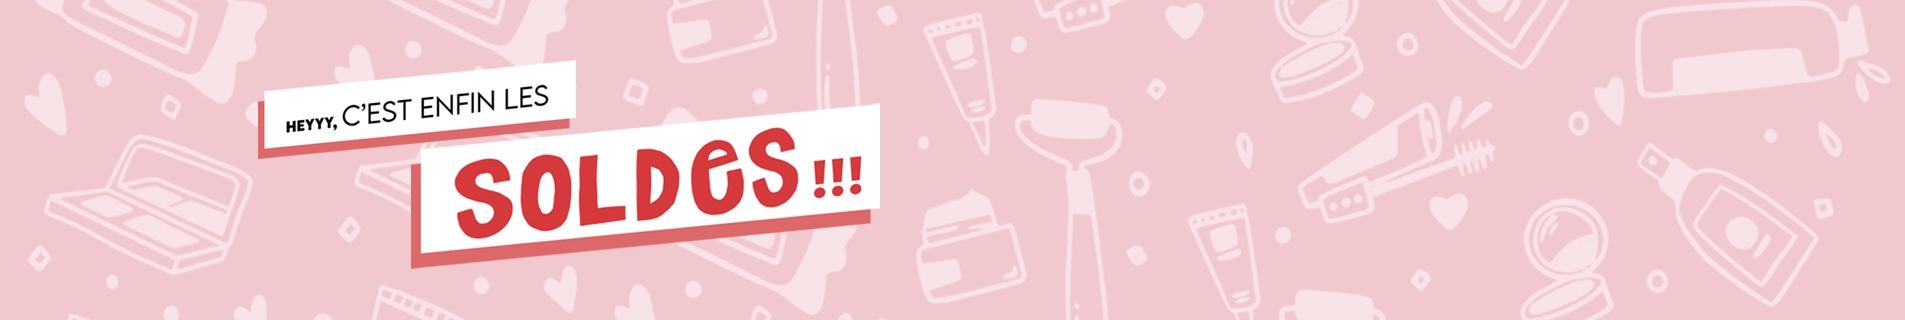 Soldes beauté | Maquillage pas cher | SAGA Cosmetics